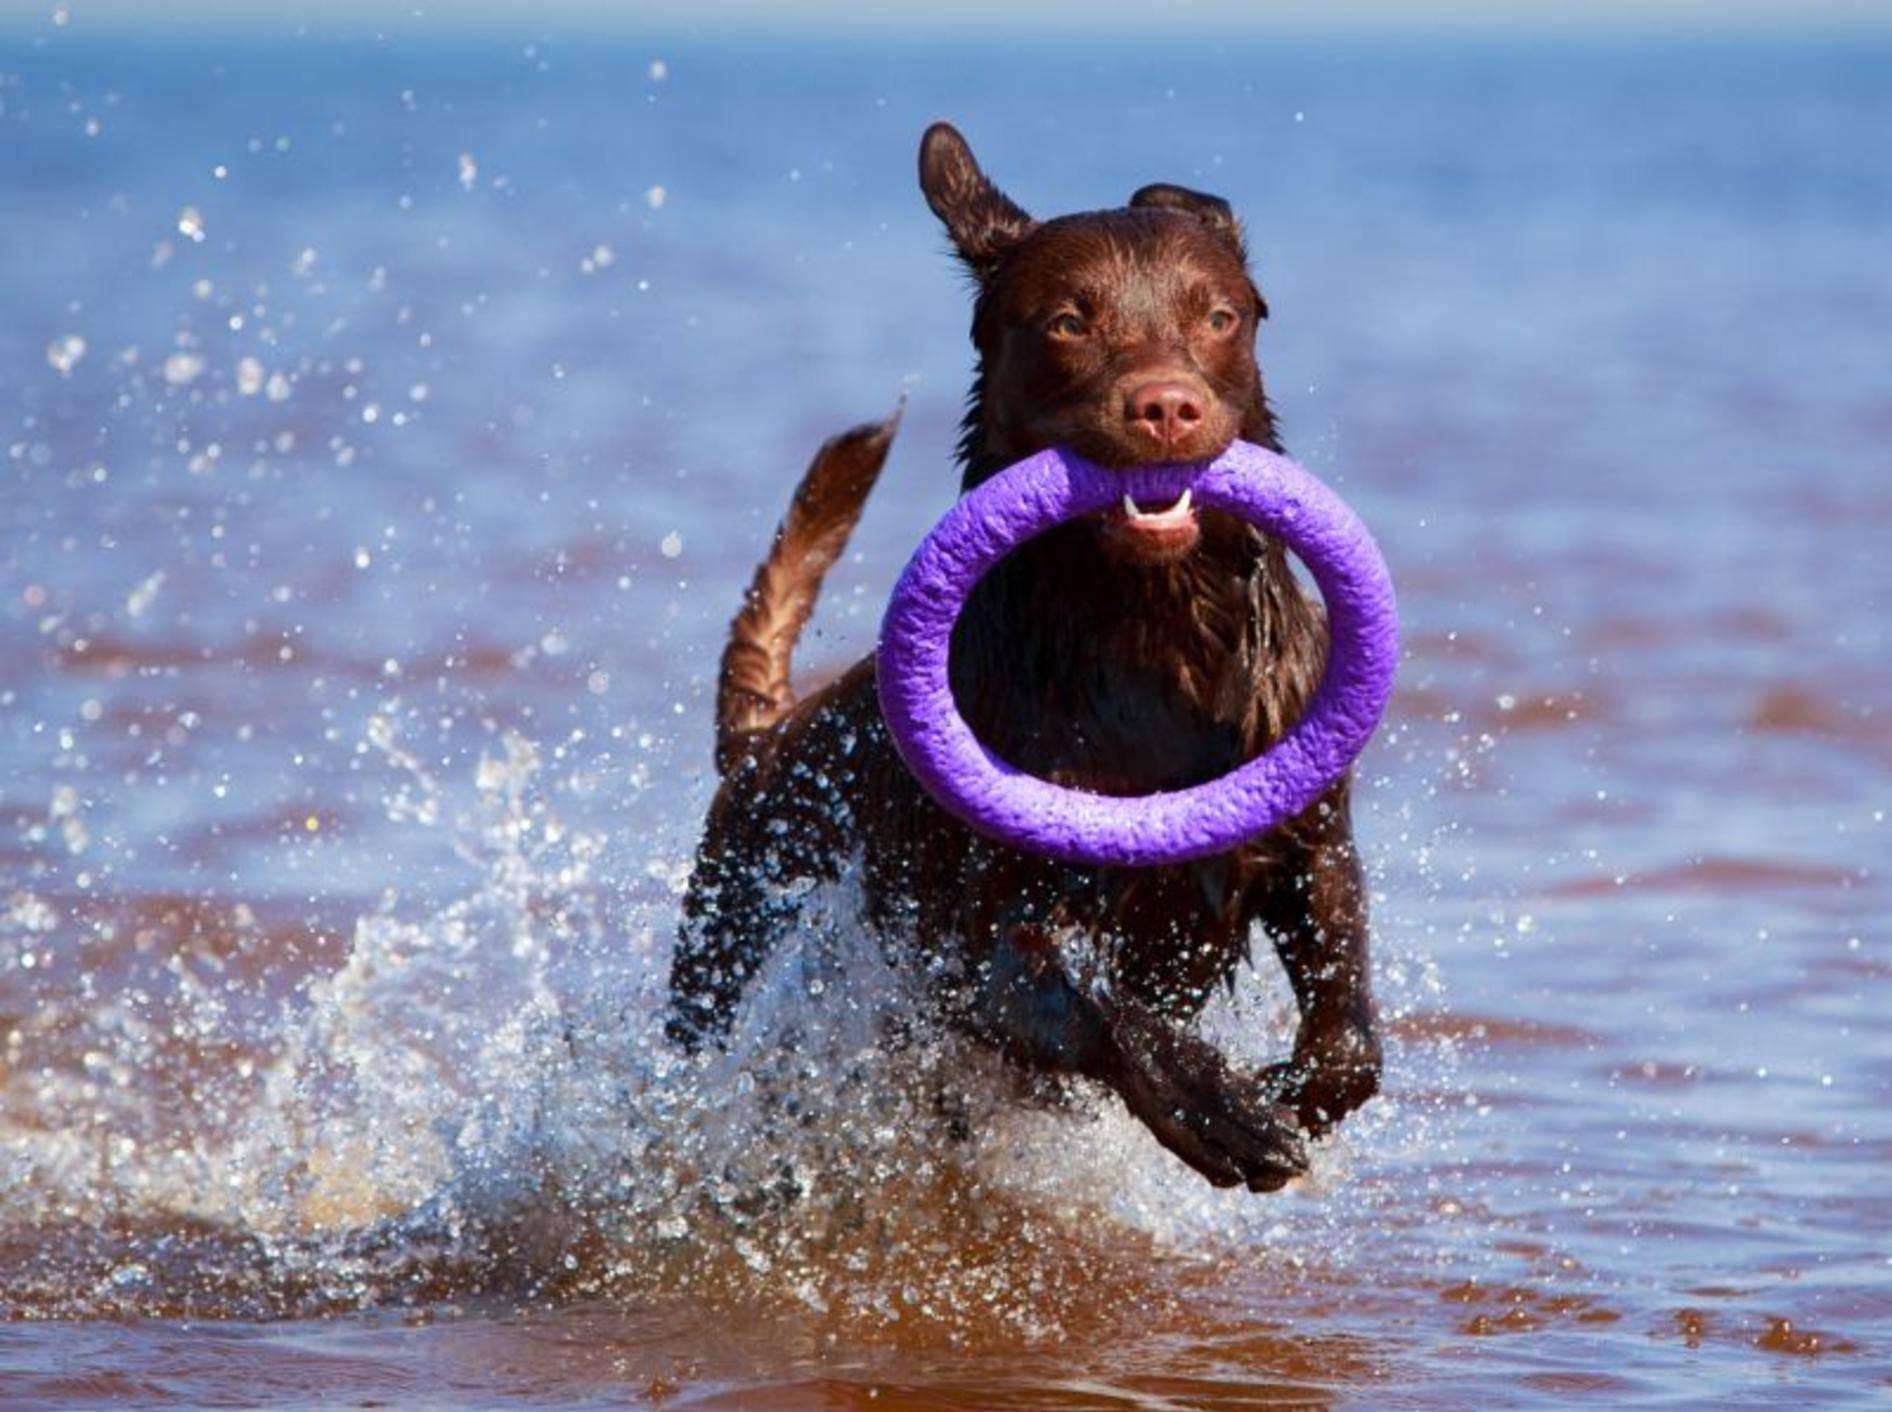 Apportieren macht den meisten Hunden Spaß – Bild: Shutterstock / DragoNika